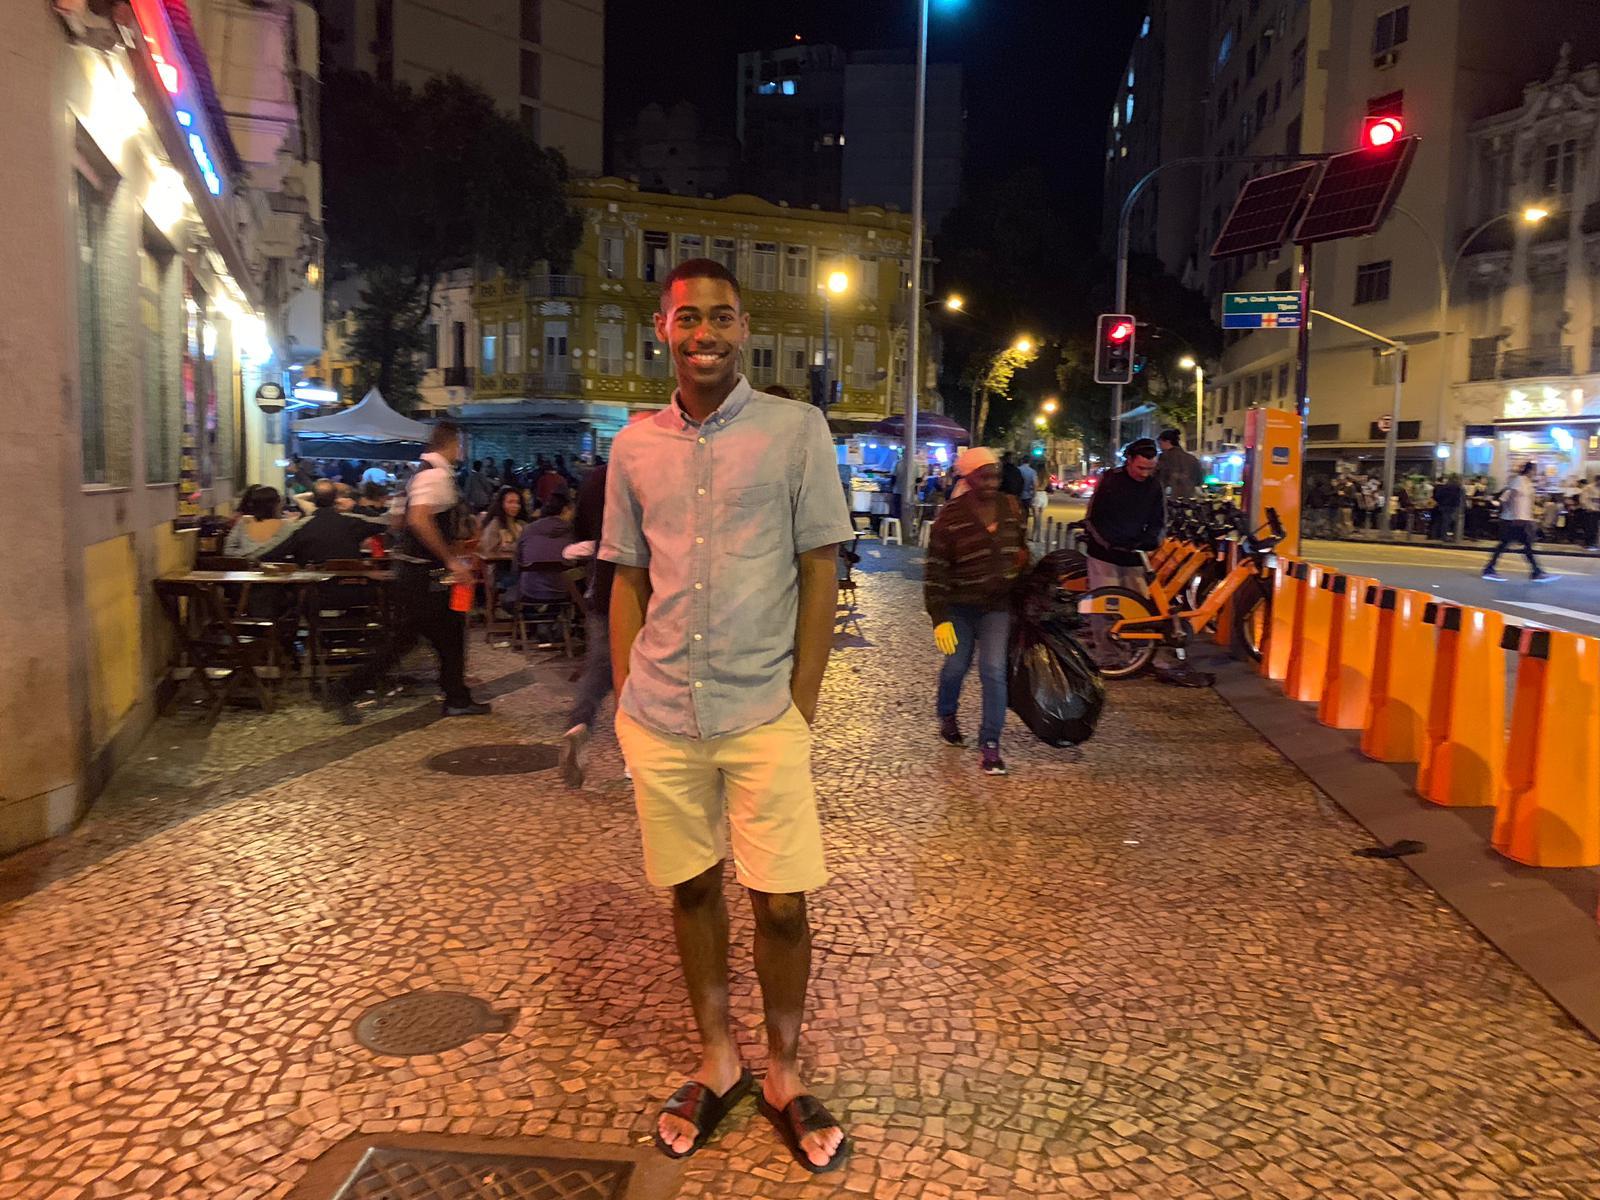 El estudiante Samuel de la Rio & Learn posando en la Lapa, Río de Janeiro.